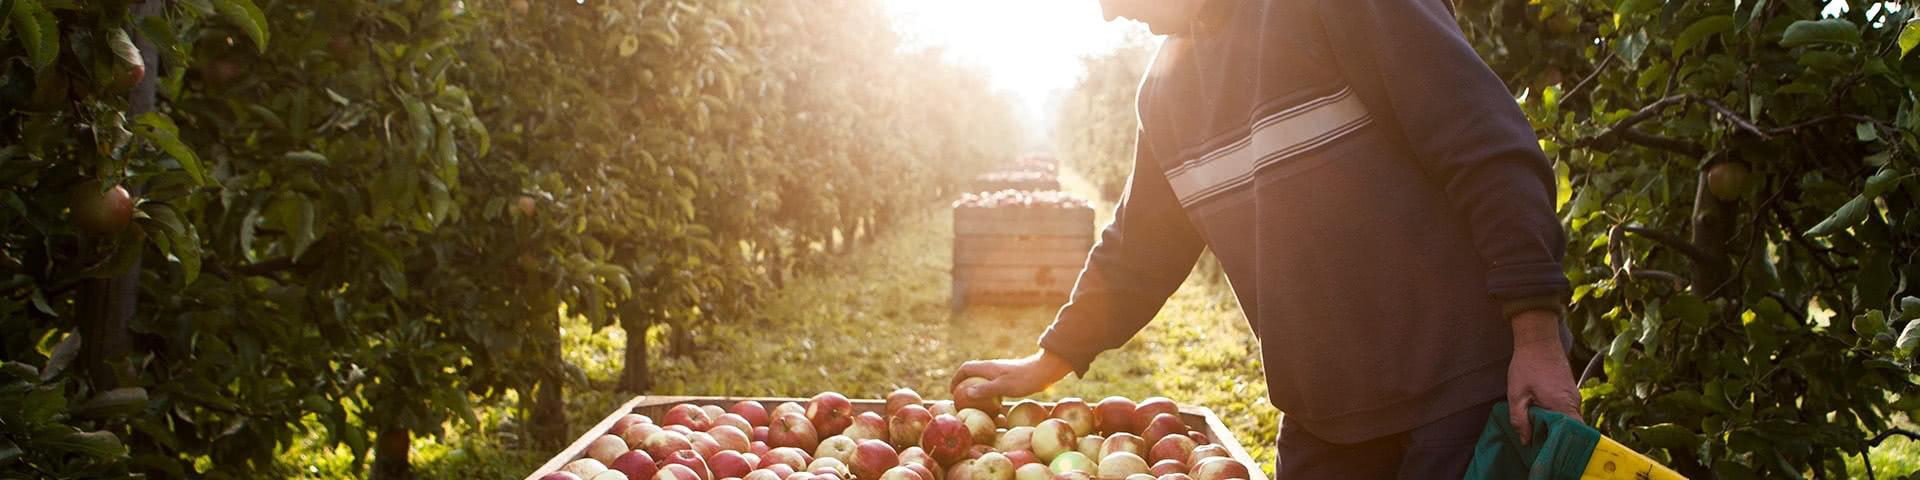 Mann erntet Äpfel im alten Land